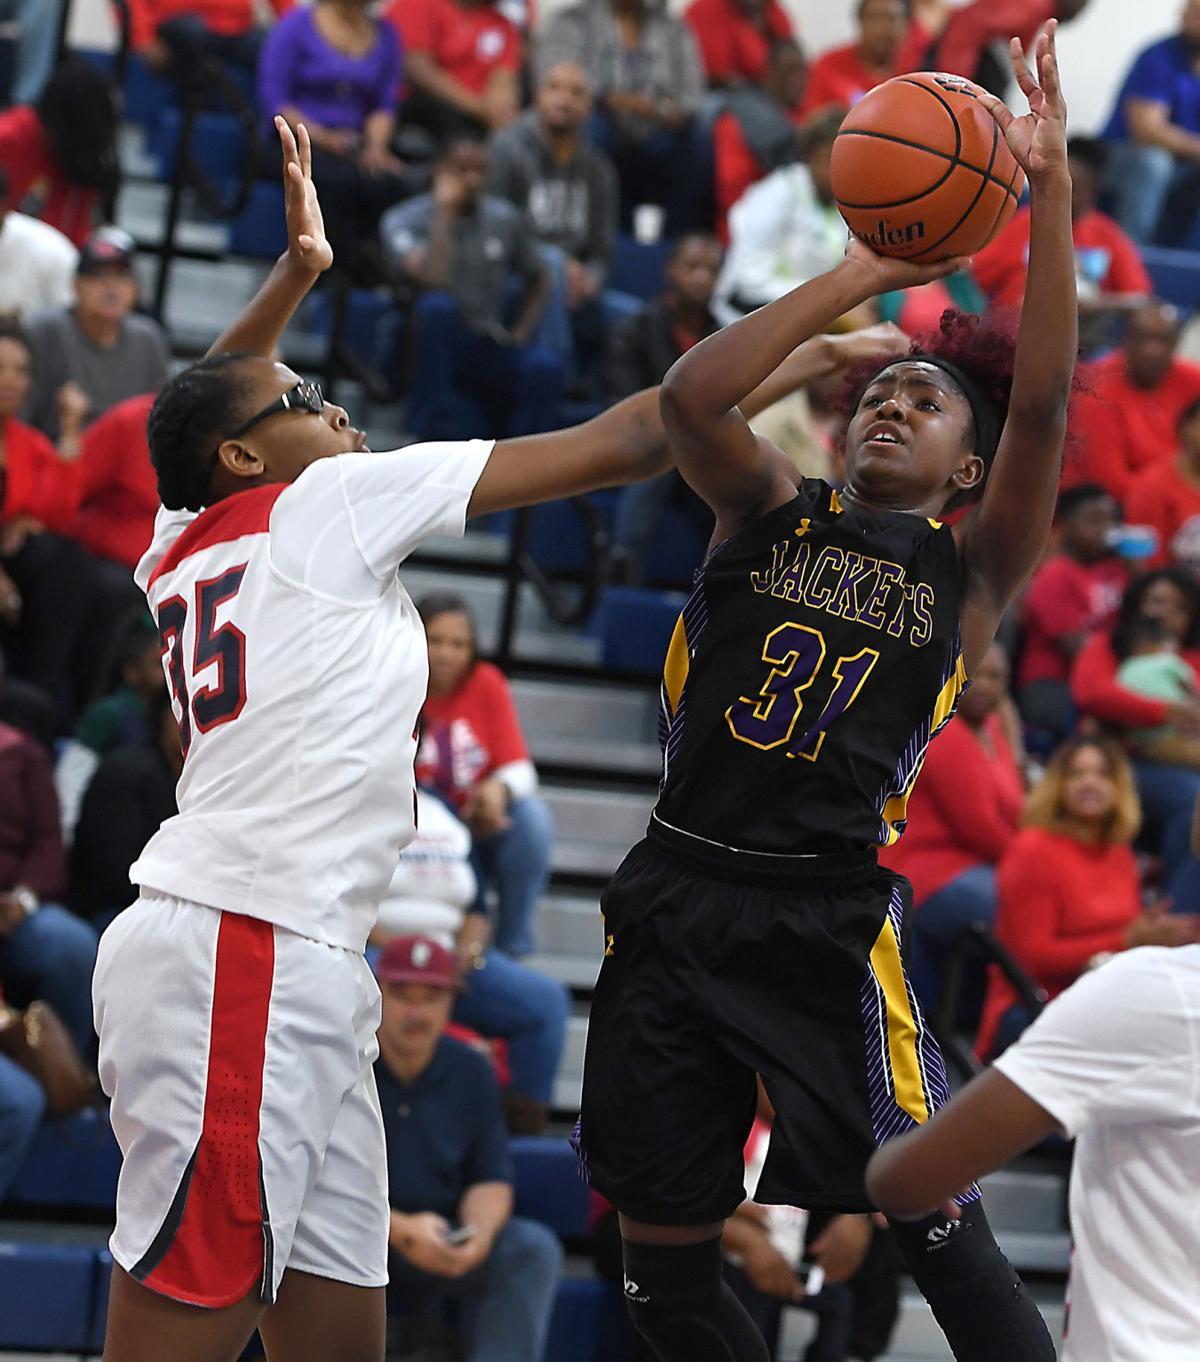 DSHS girls basketball vs. Lee High: Alexius Horne (31)